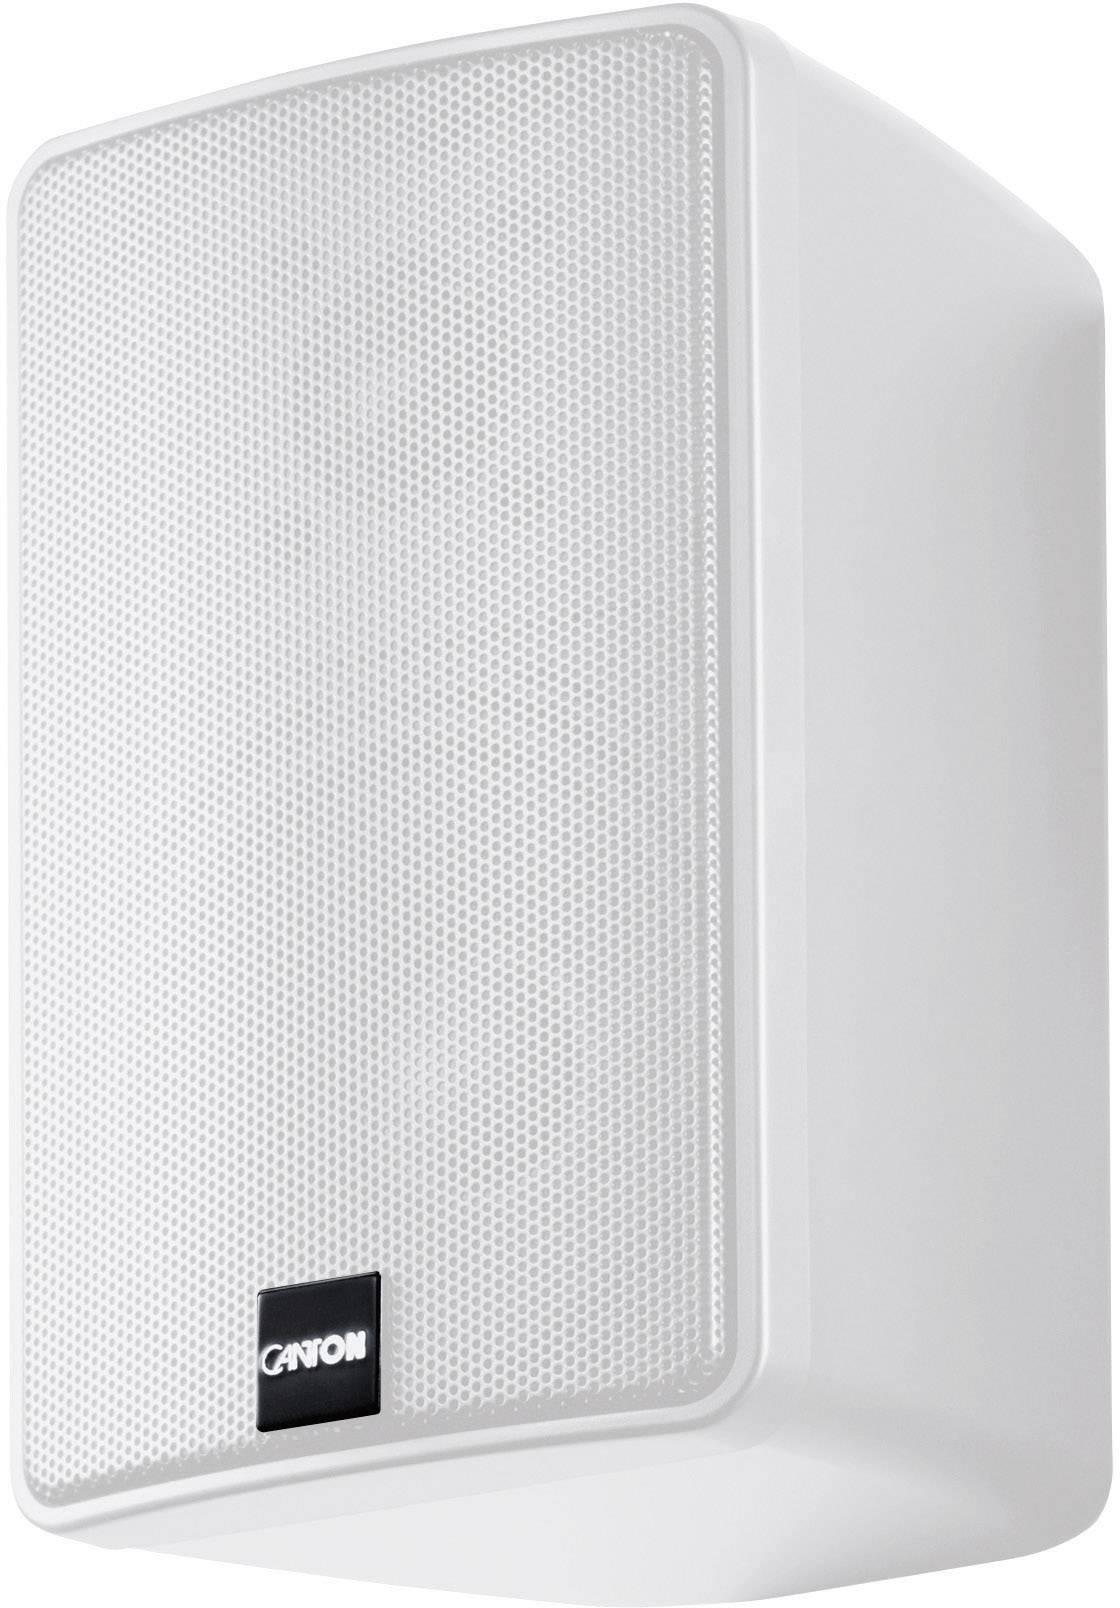 Regálový reproduktor Canton Plus GX.3, 45 - 26000 Hz, 100 W, 1 pár, biela